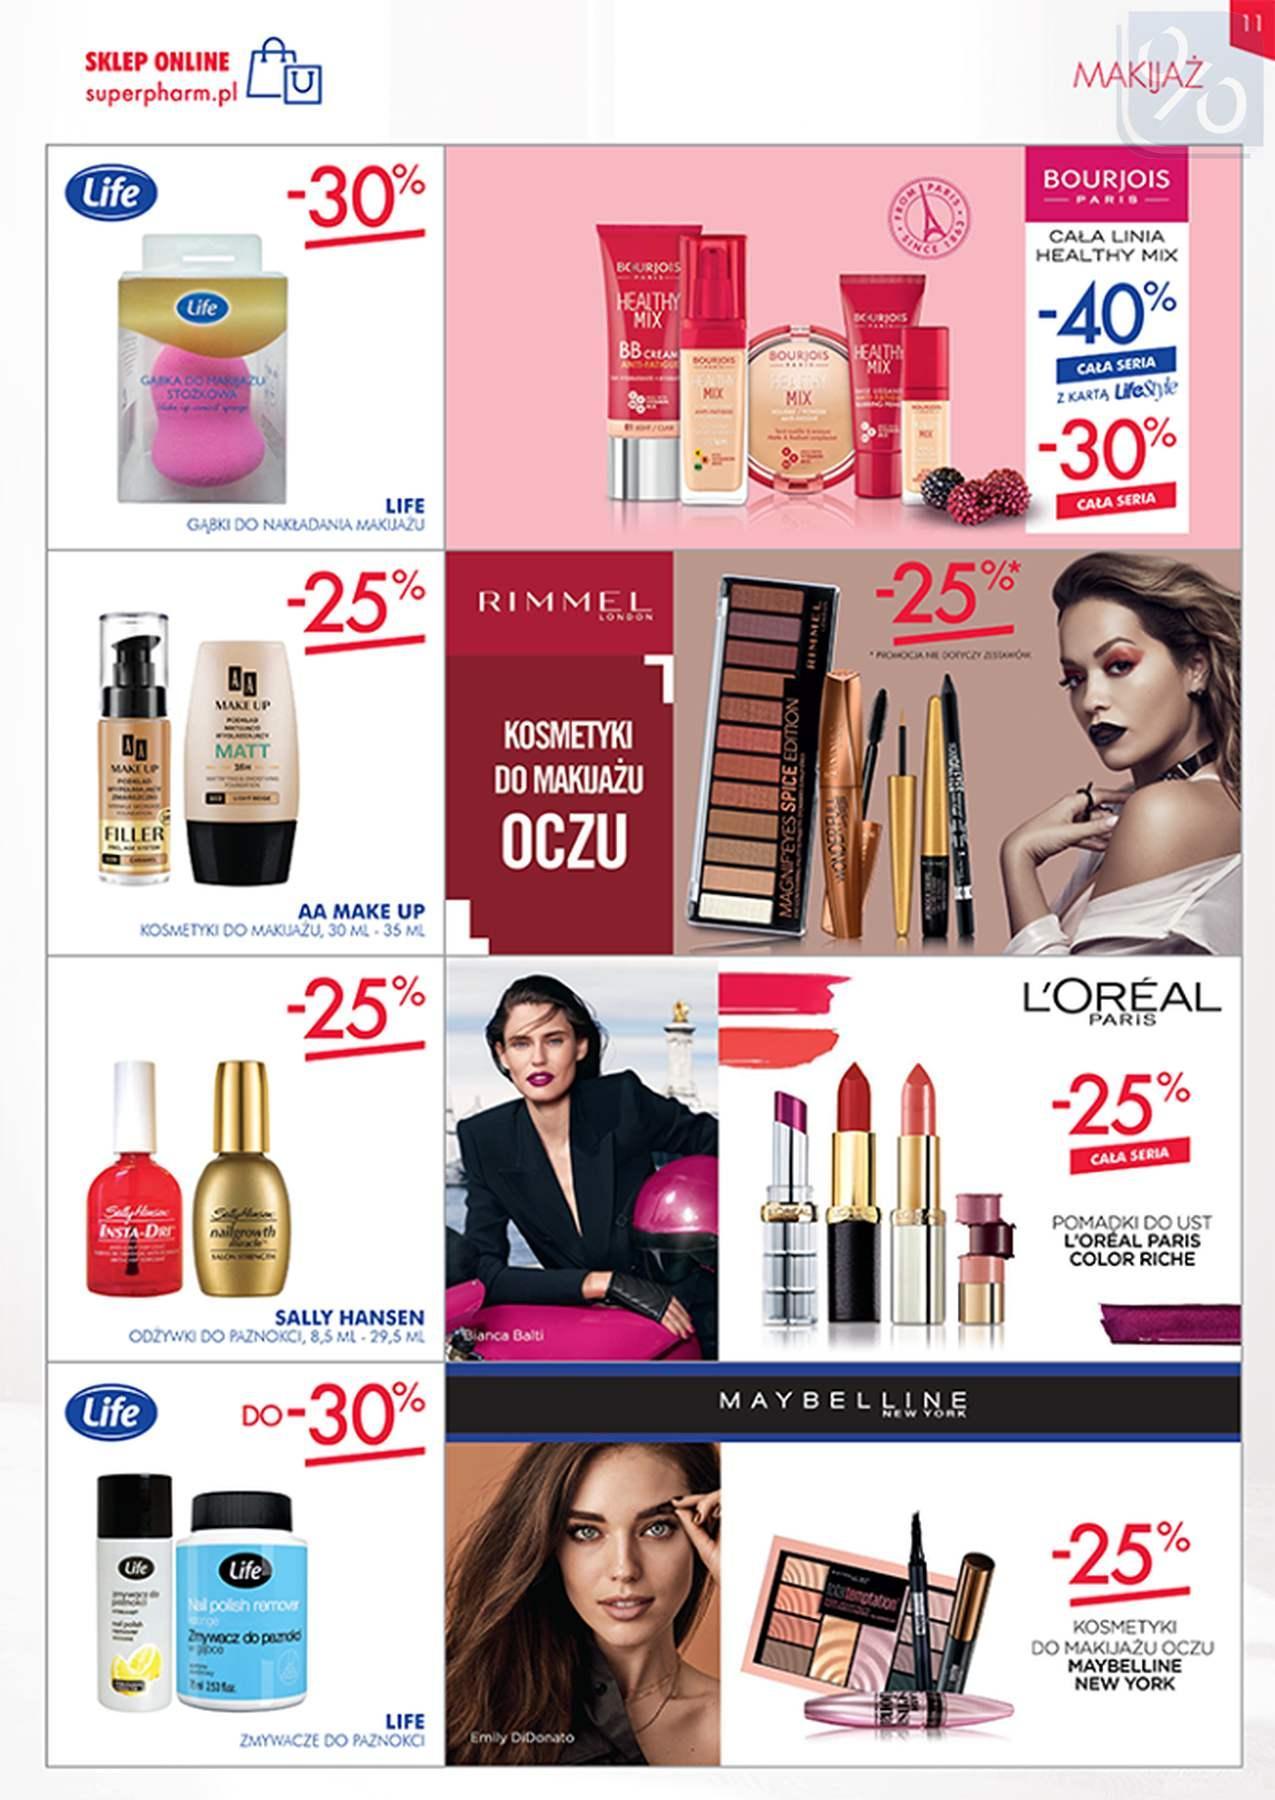 Gazetka promocyjna Superpharm do 23/01/2019 str.11